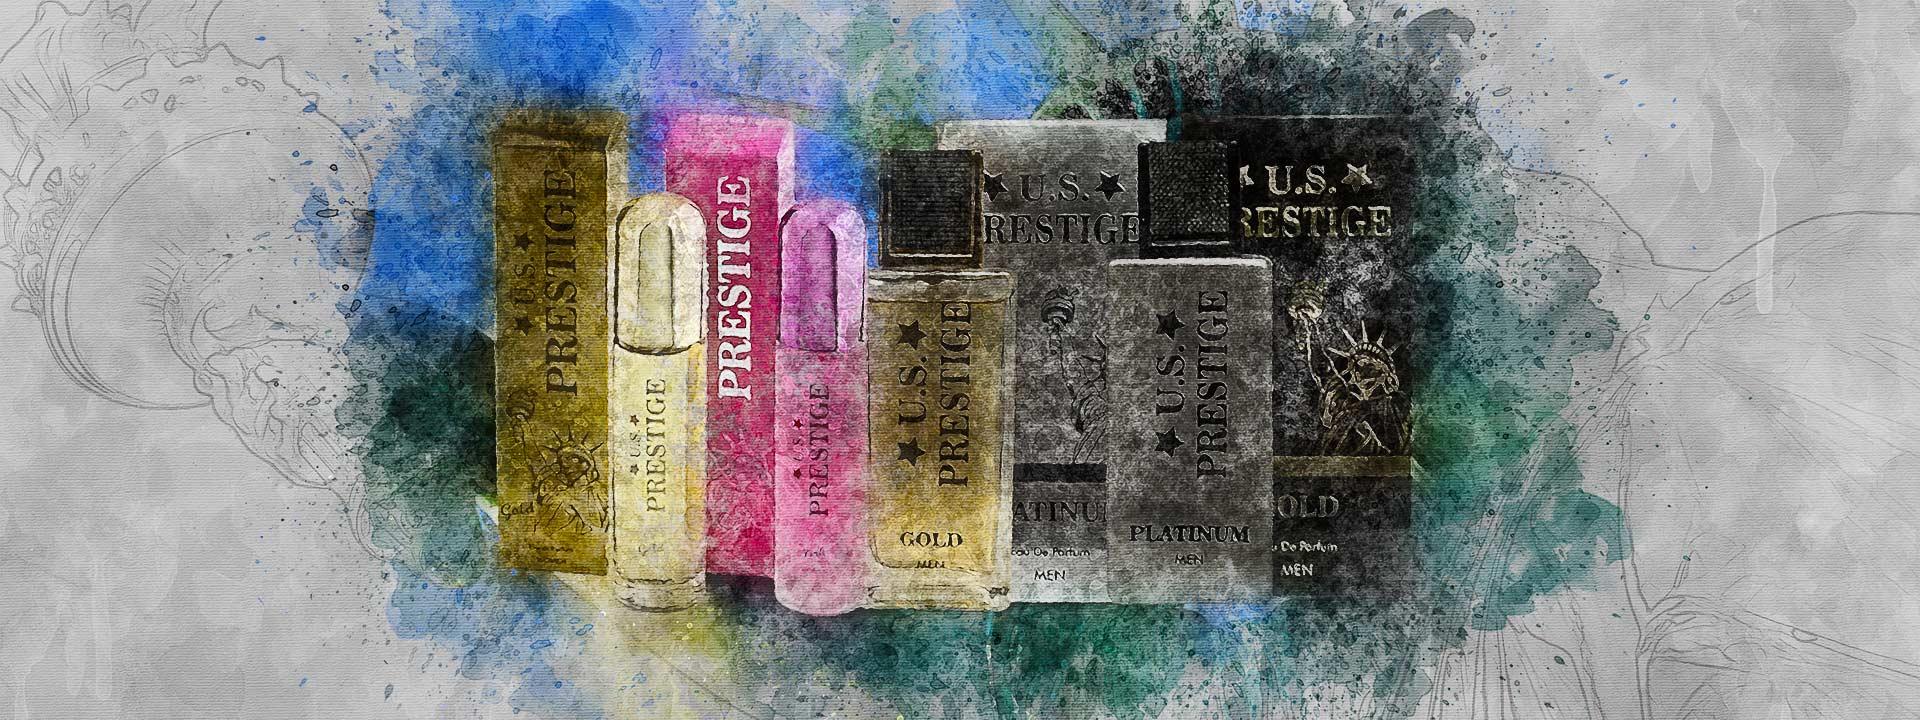 U.S. Prestige Parfümök